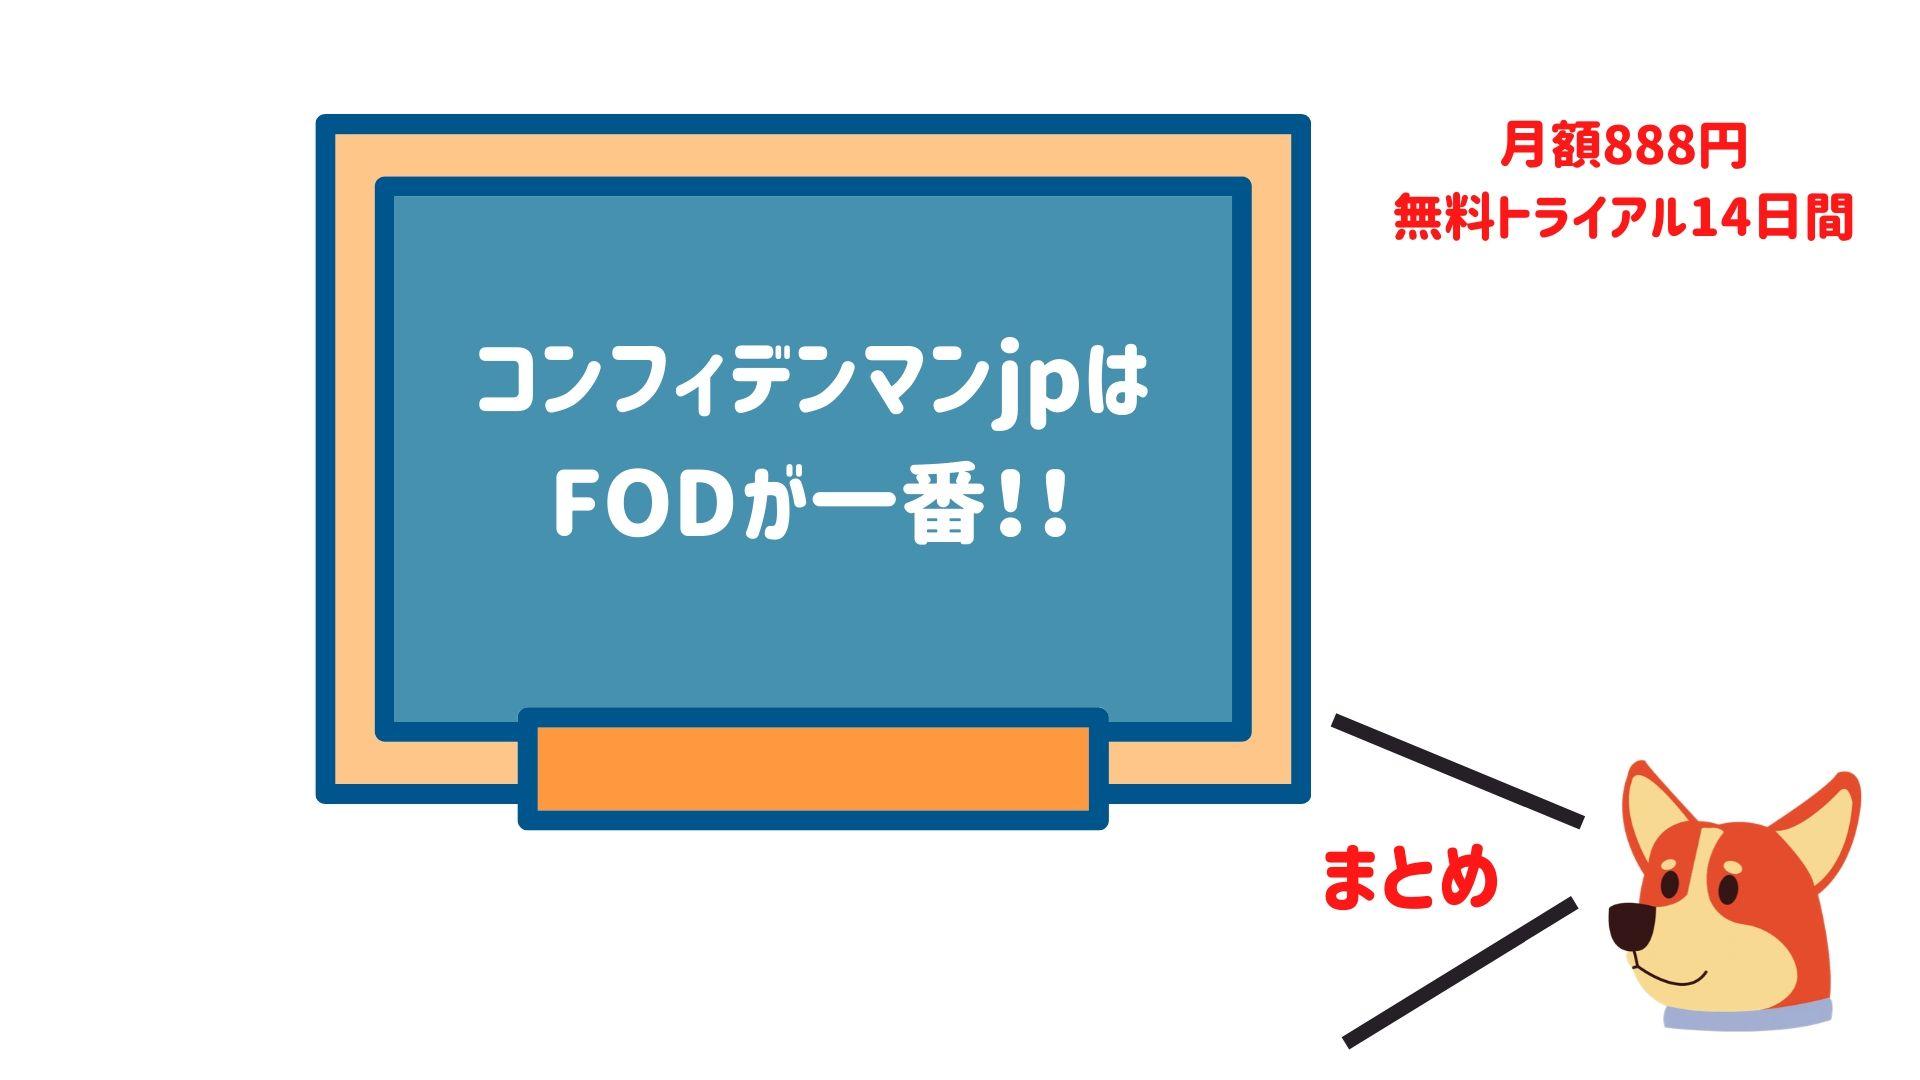 コンフィデンスマンjpはFODが一番おすすめ